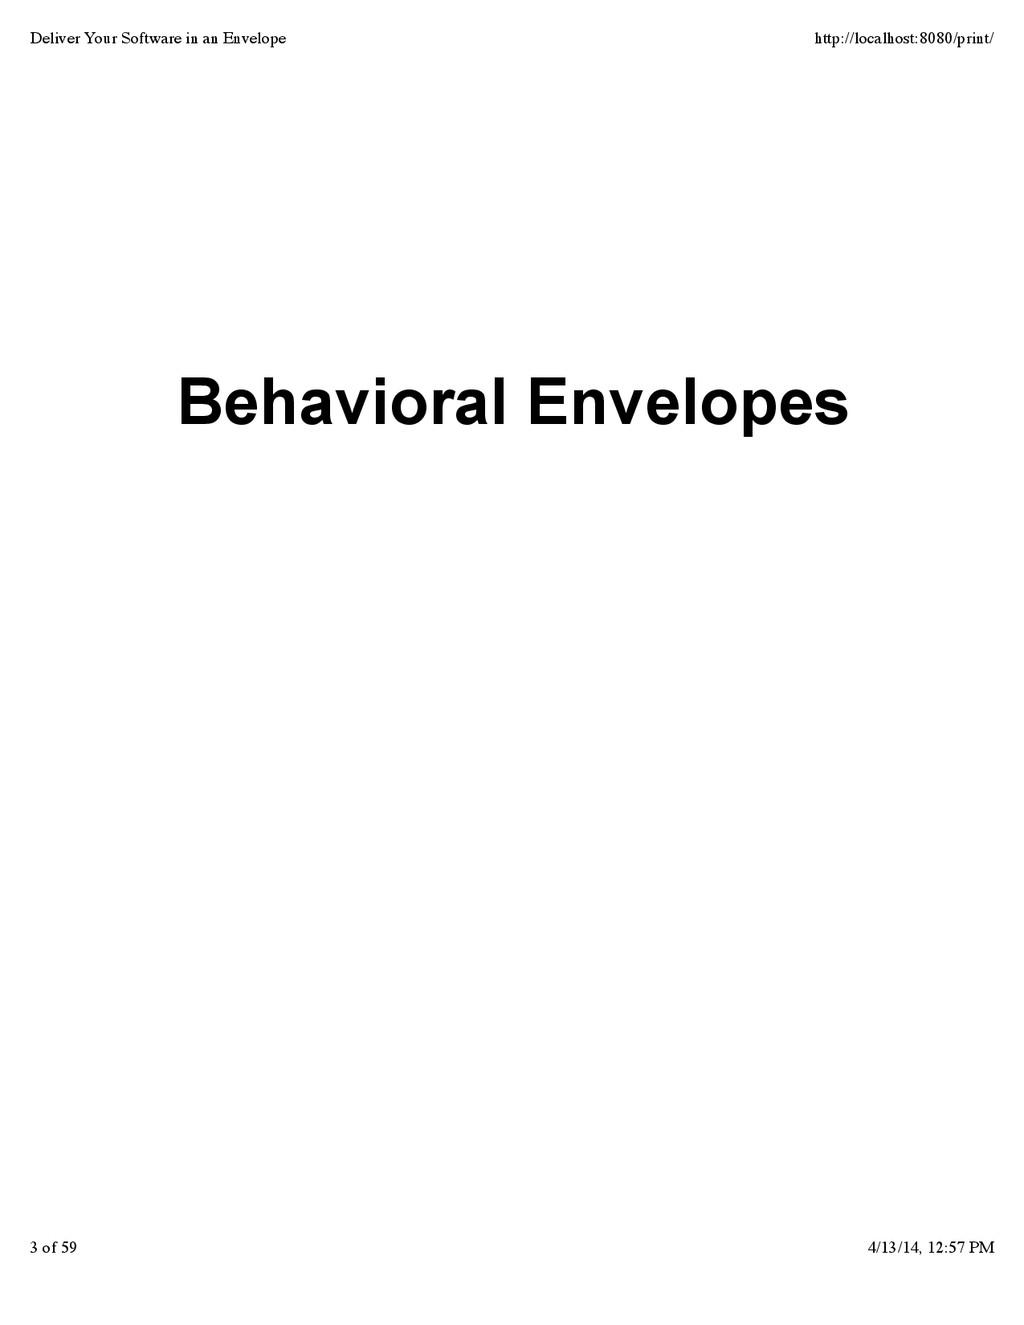 Behavioral Envelopes Deliver Your Software in a...